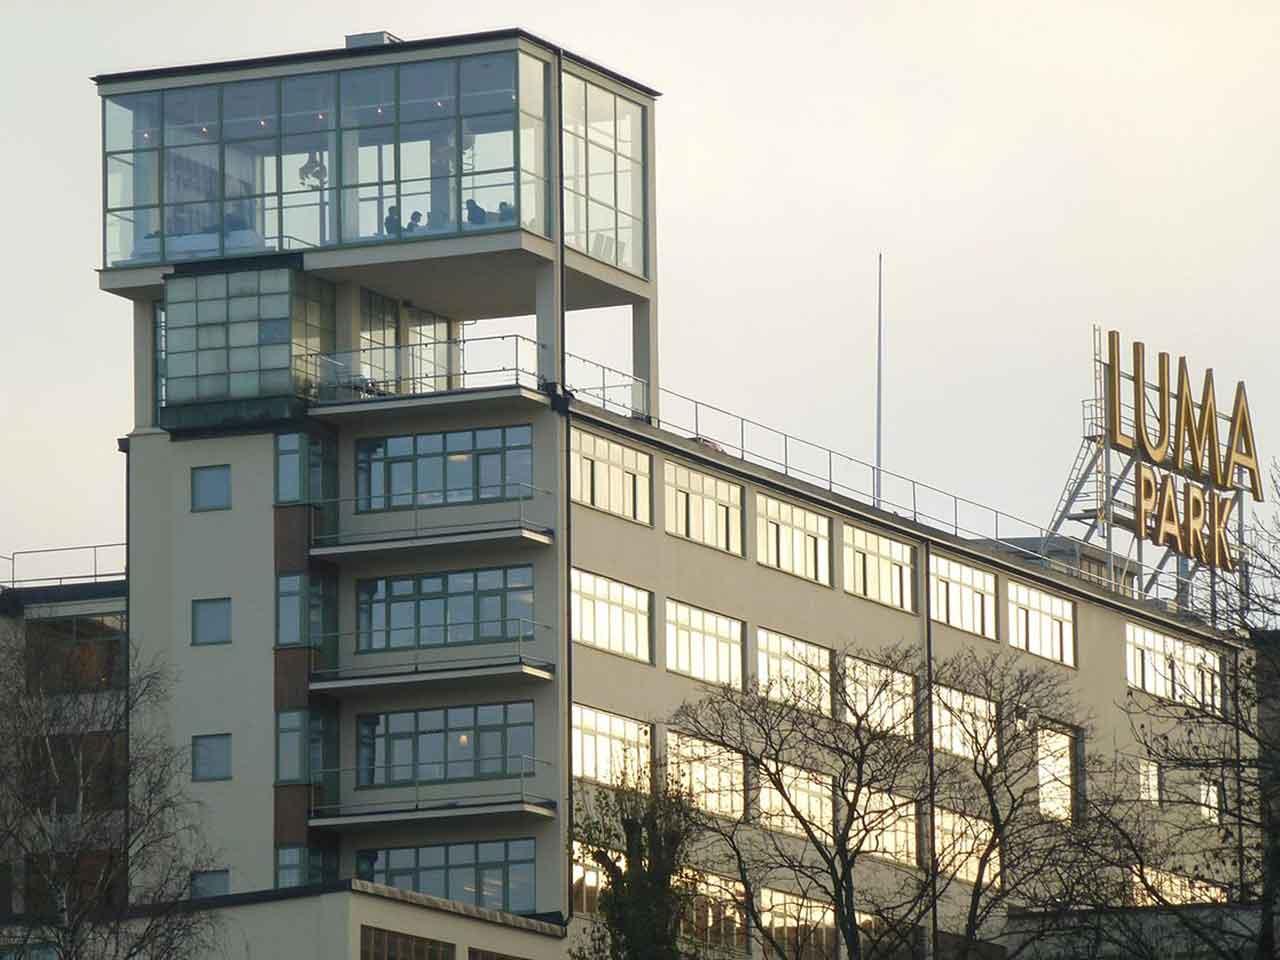 Lumafabriken utifrån - Hammarby Sjöstad